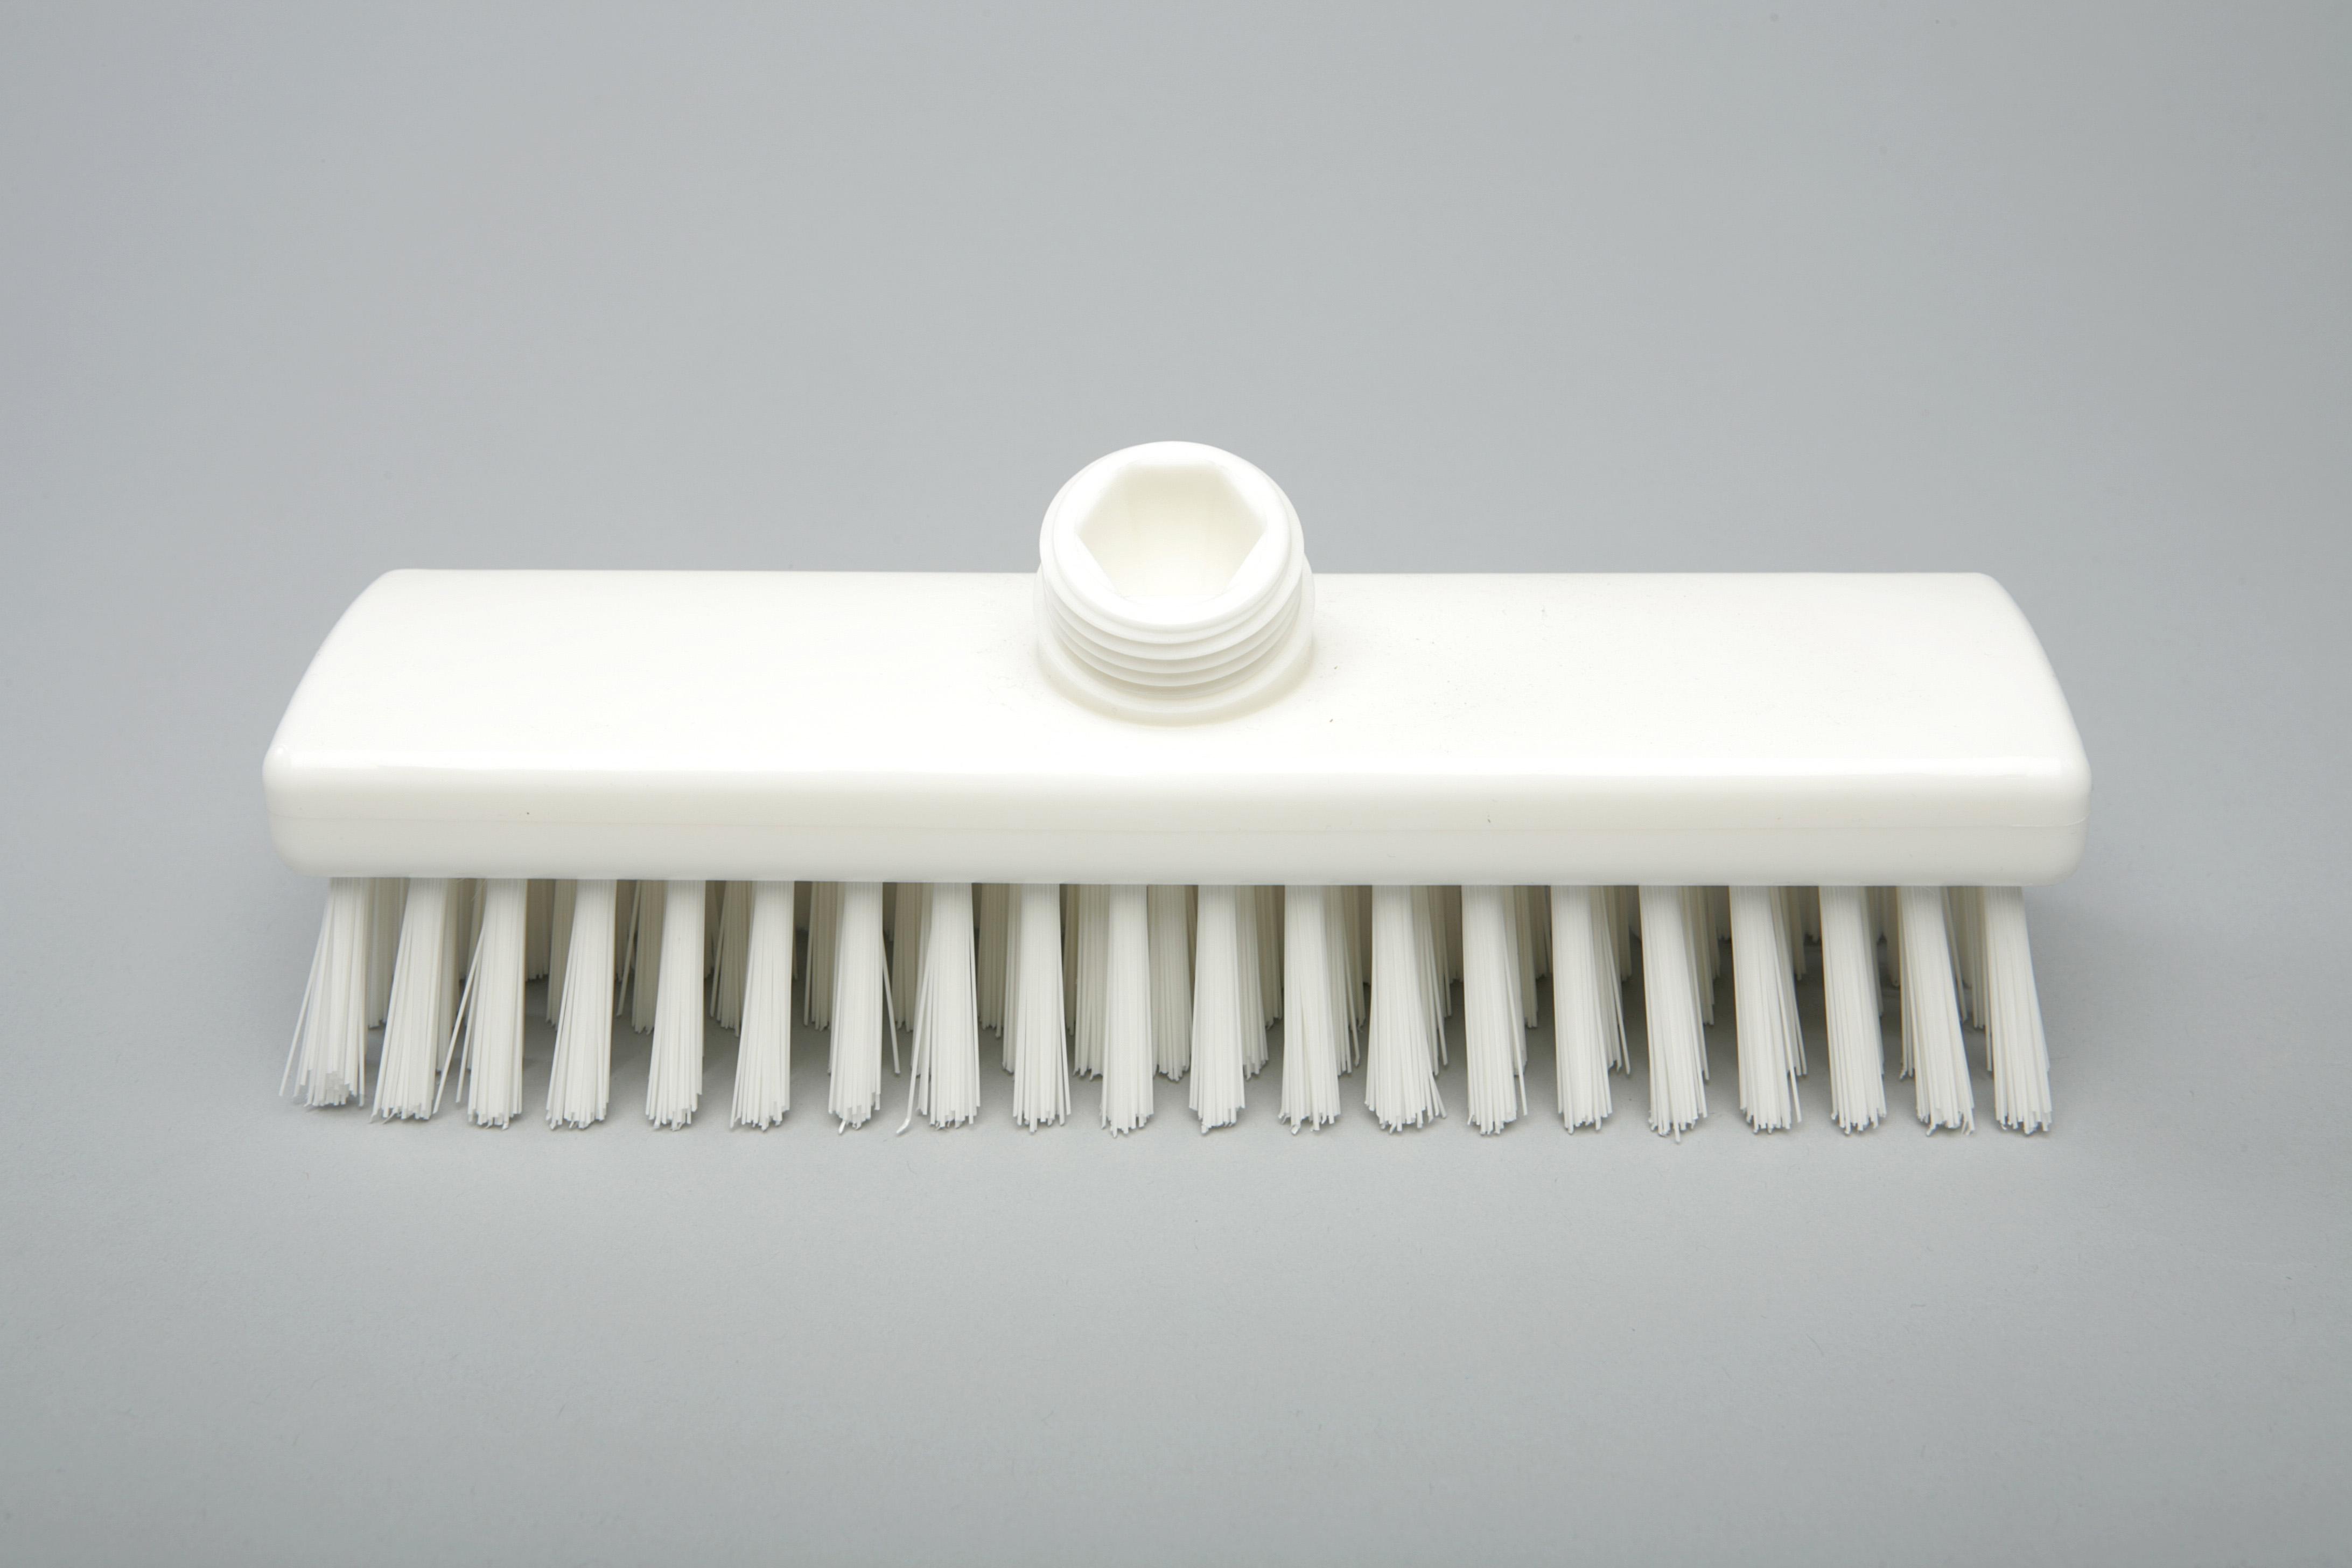 Unimop küürimishari 225 x 60 x 30 mm, tugev, valge, kastis 6 tk